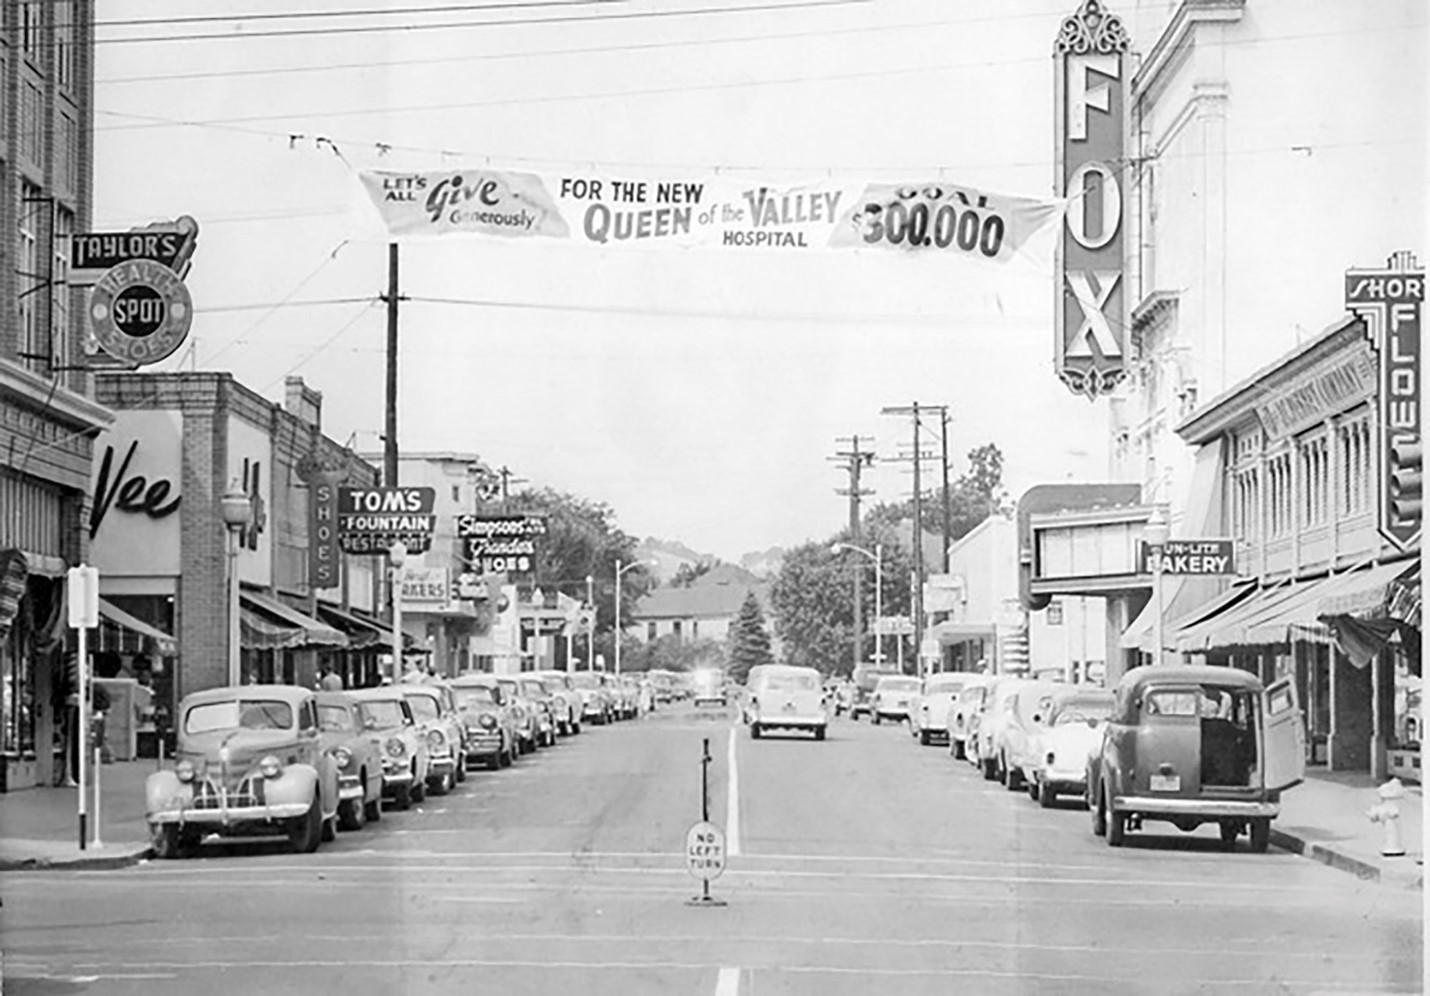 Downton Napa circa 1950